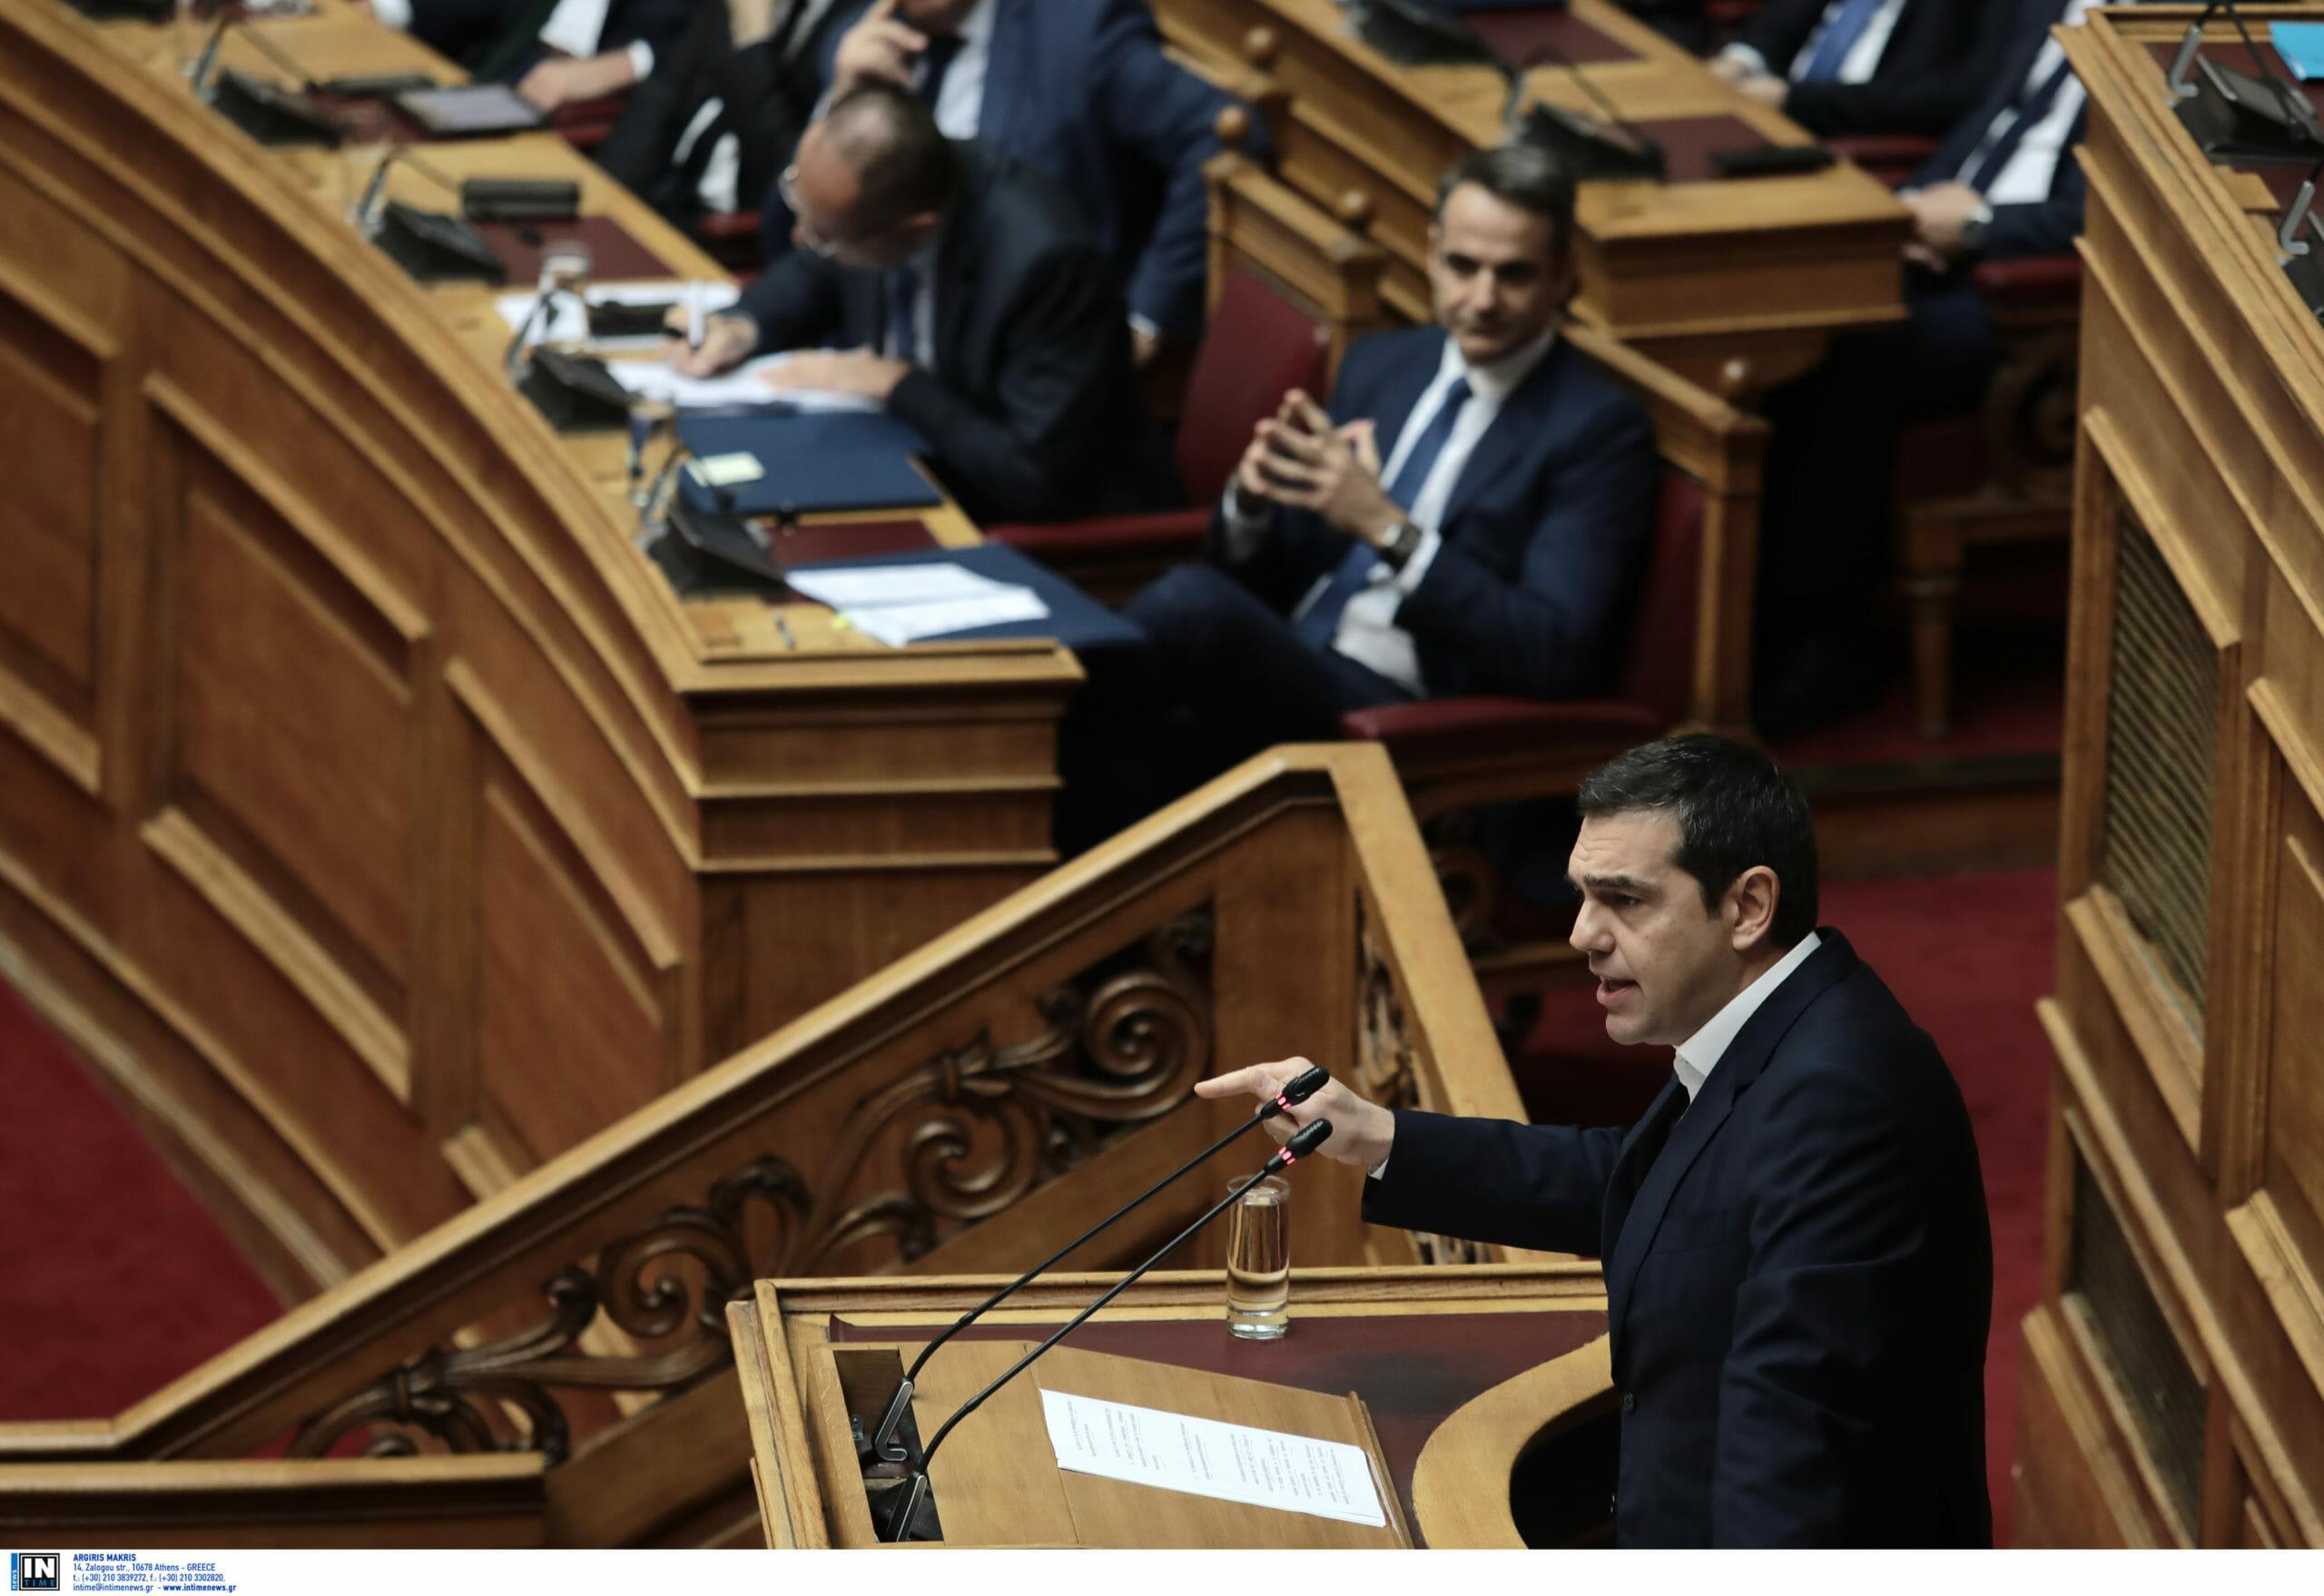 Μητσοτάκης: «Έχεις μείνει στο 2014 και κάνεις αντιπολίτευση με μαγκάλια!» - Τσίπρας: «Είσαι ο μεγαλύτερος πολιτικός απατεώνας»